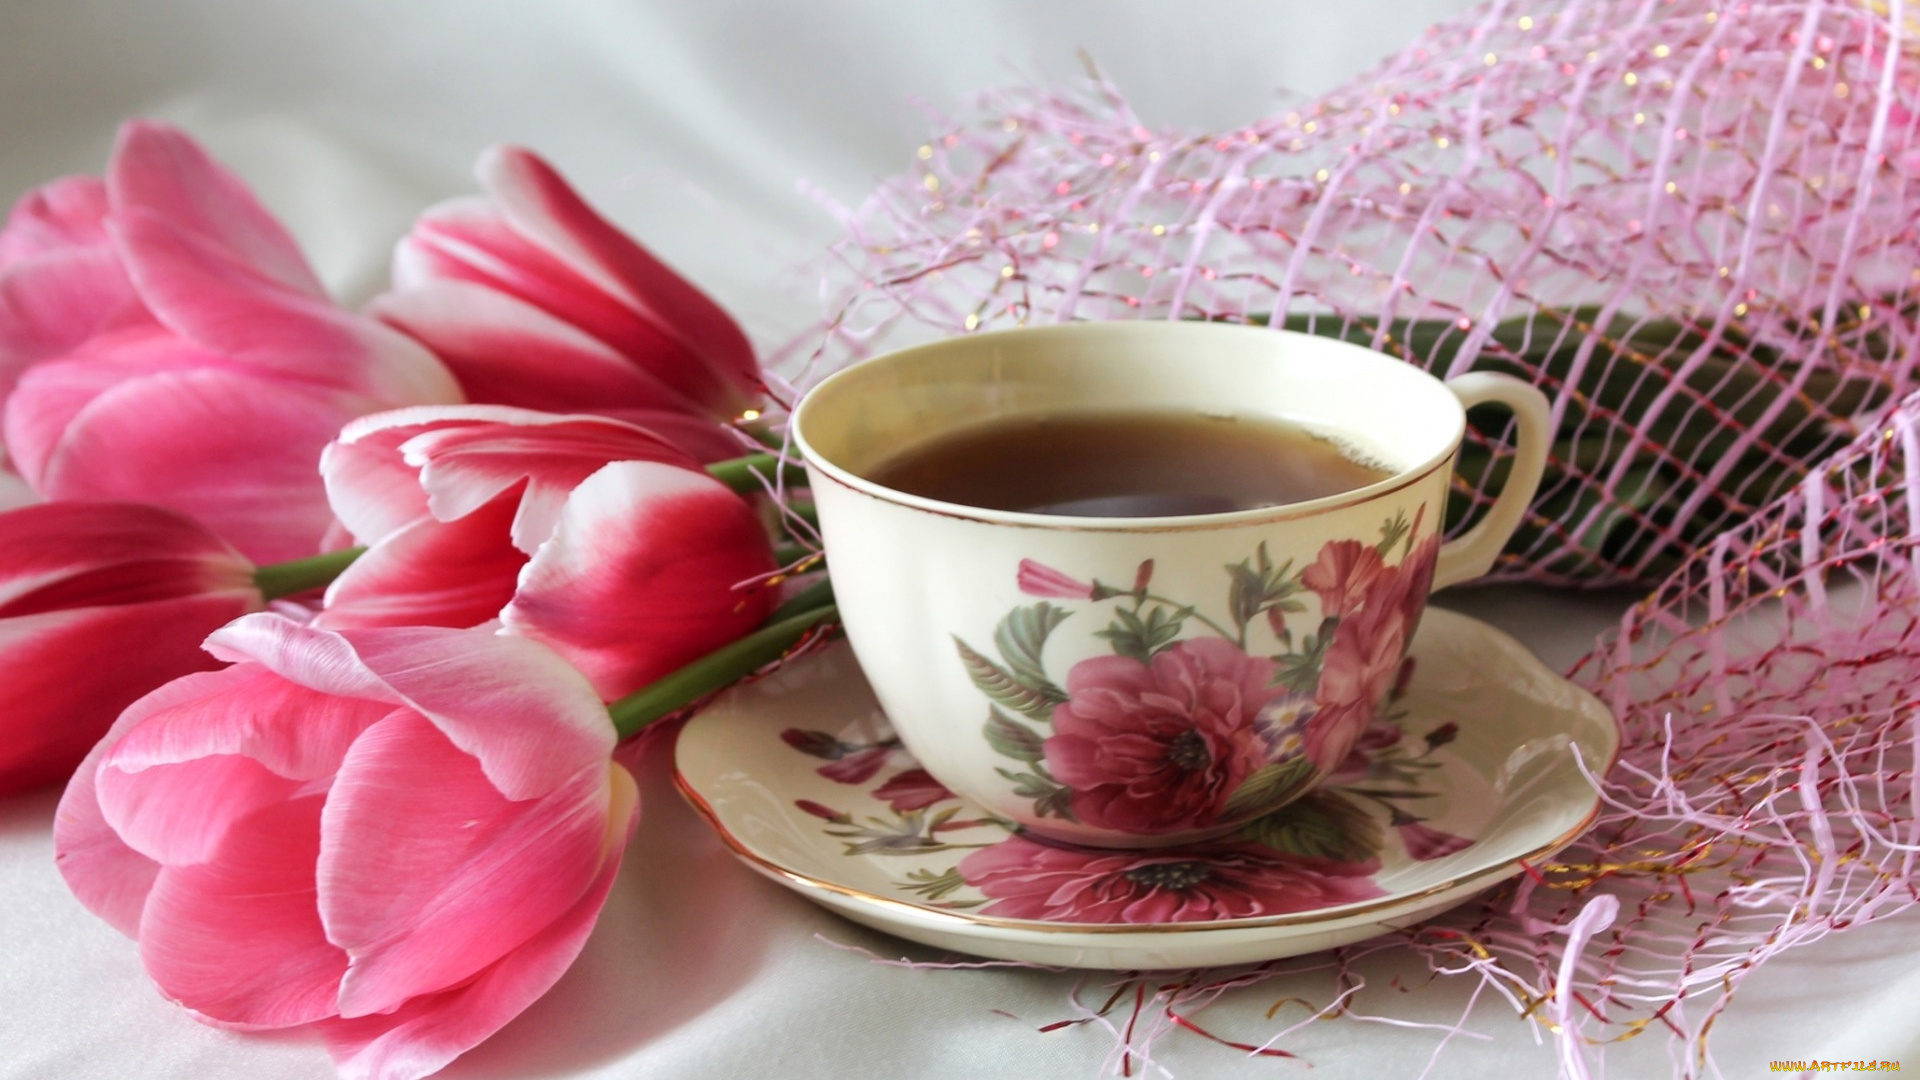 Утренний чай и цветы фото